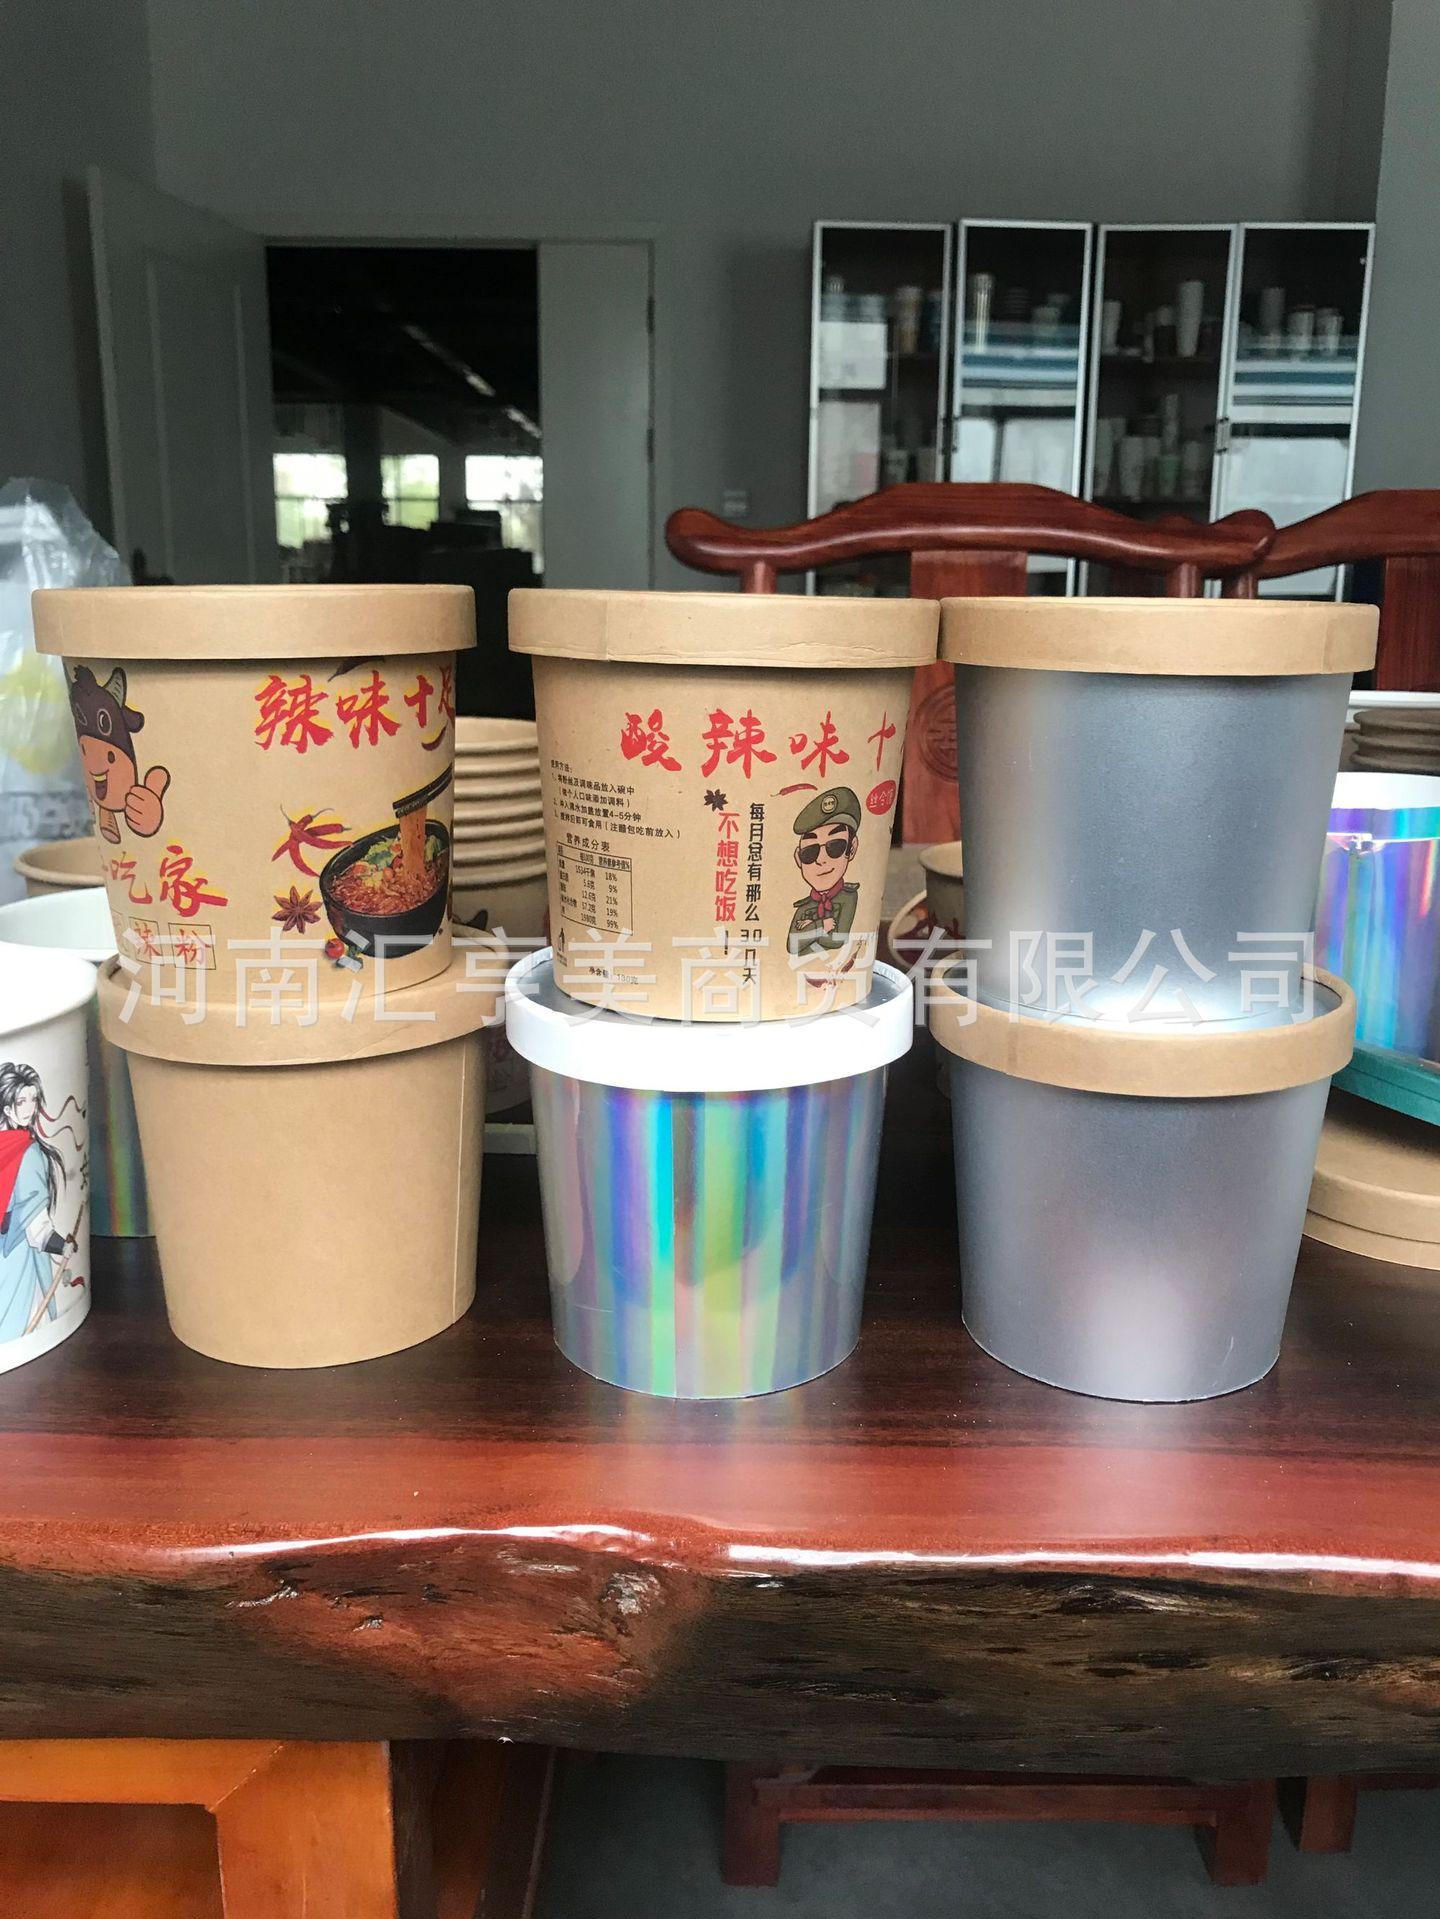 酸辣粉牛皮纸桶花甲碗纸桶纸盖500套/箱